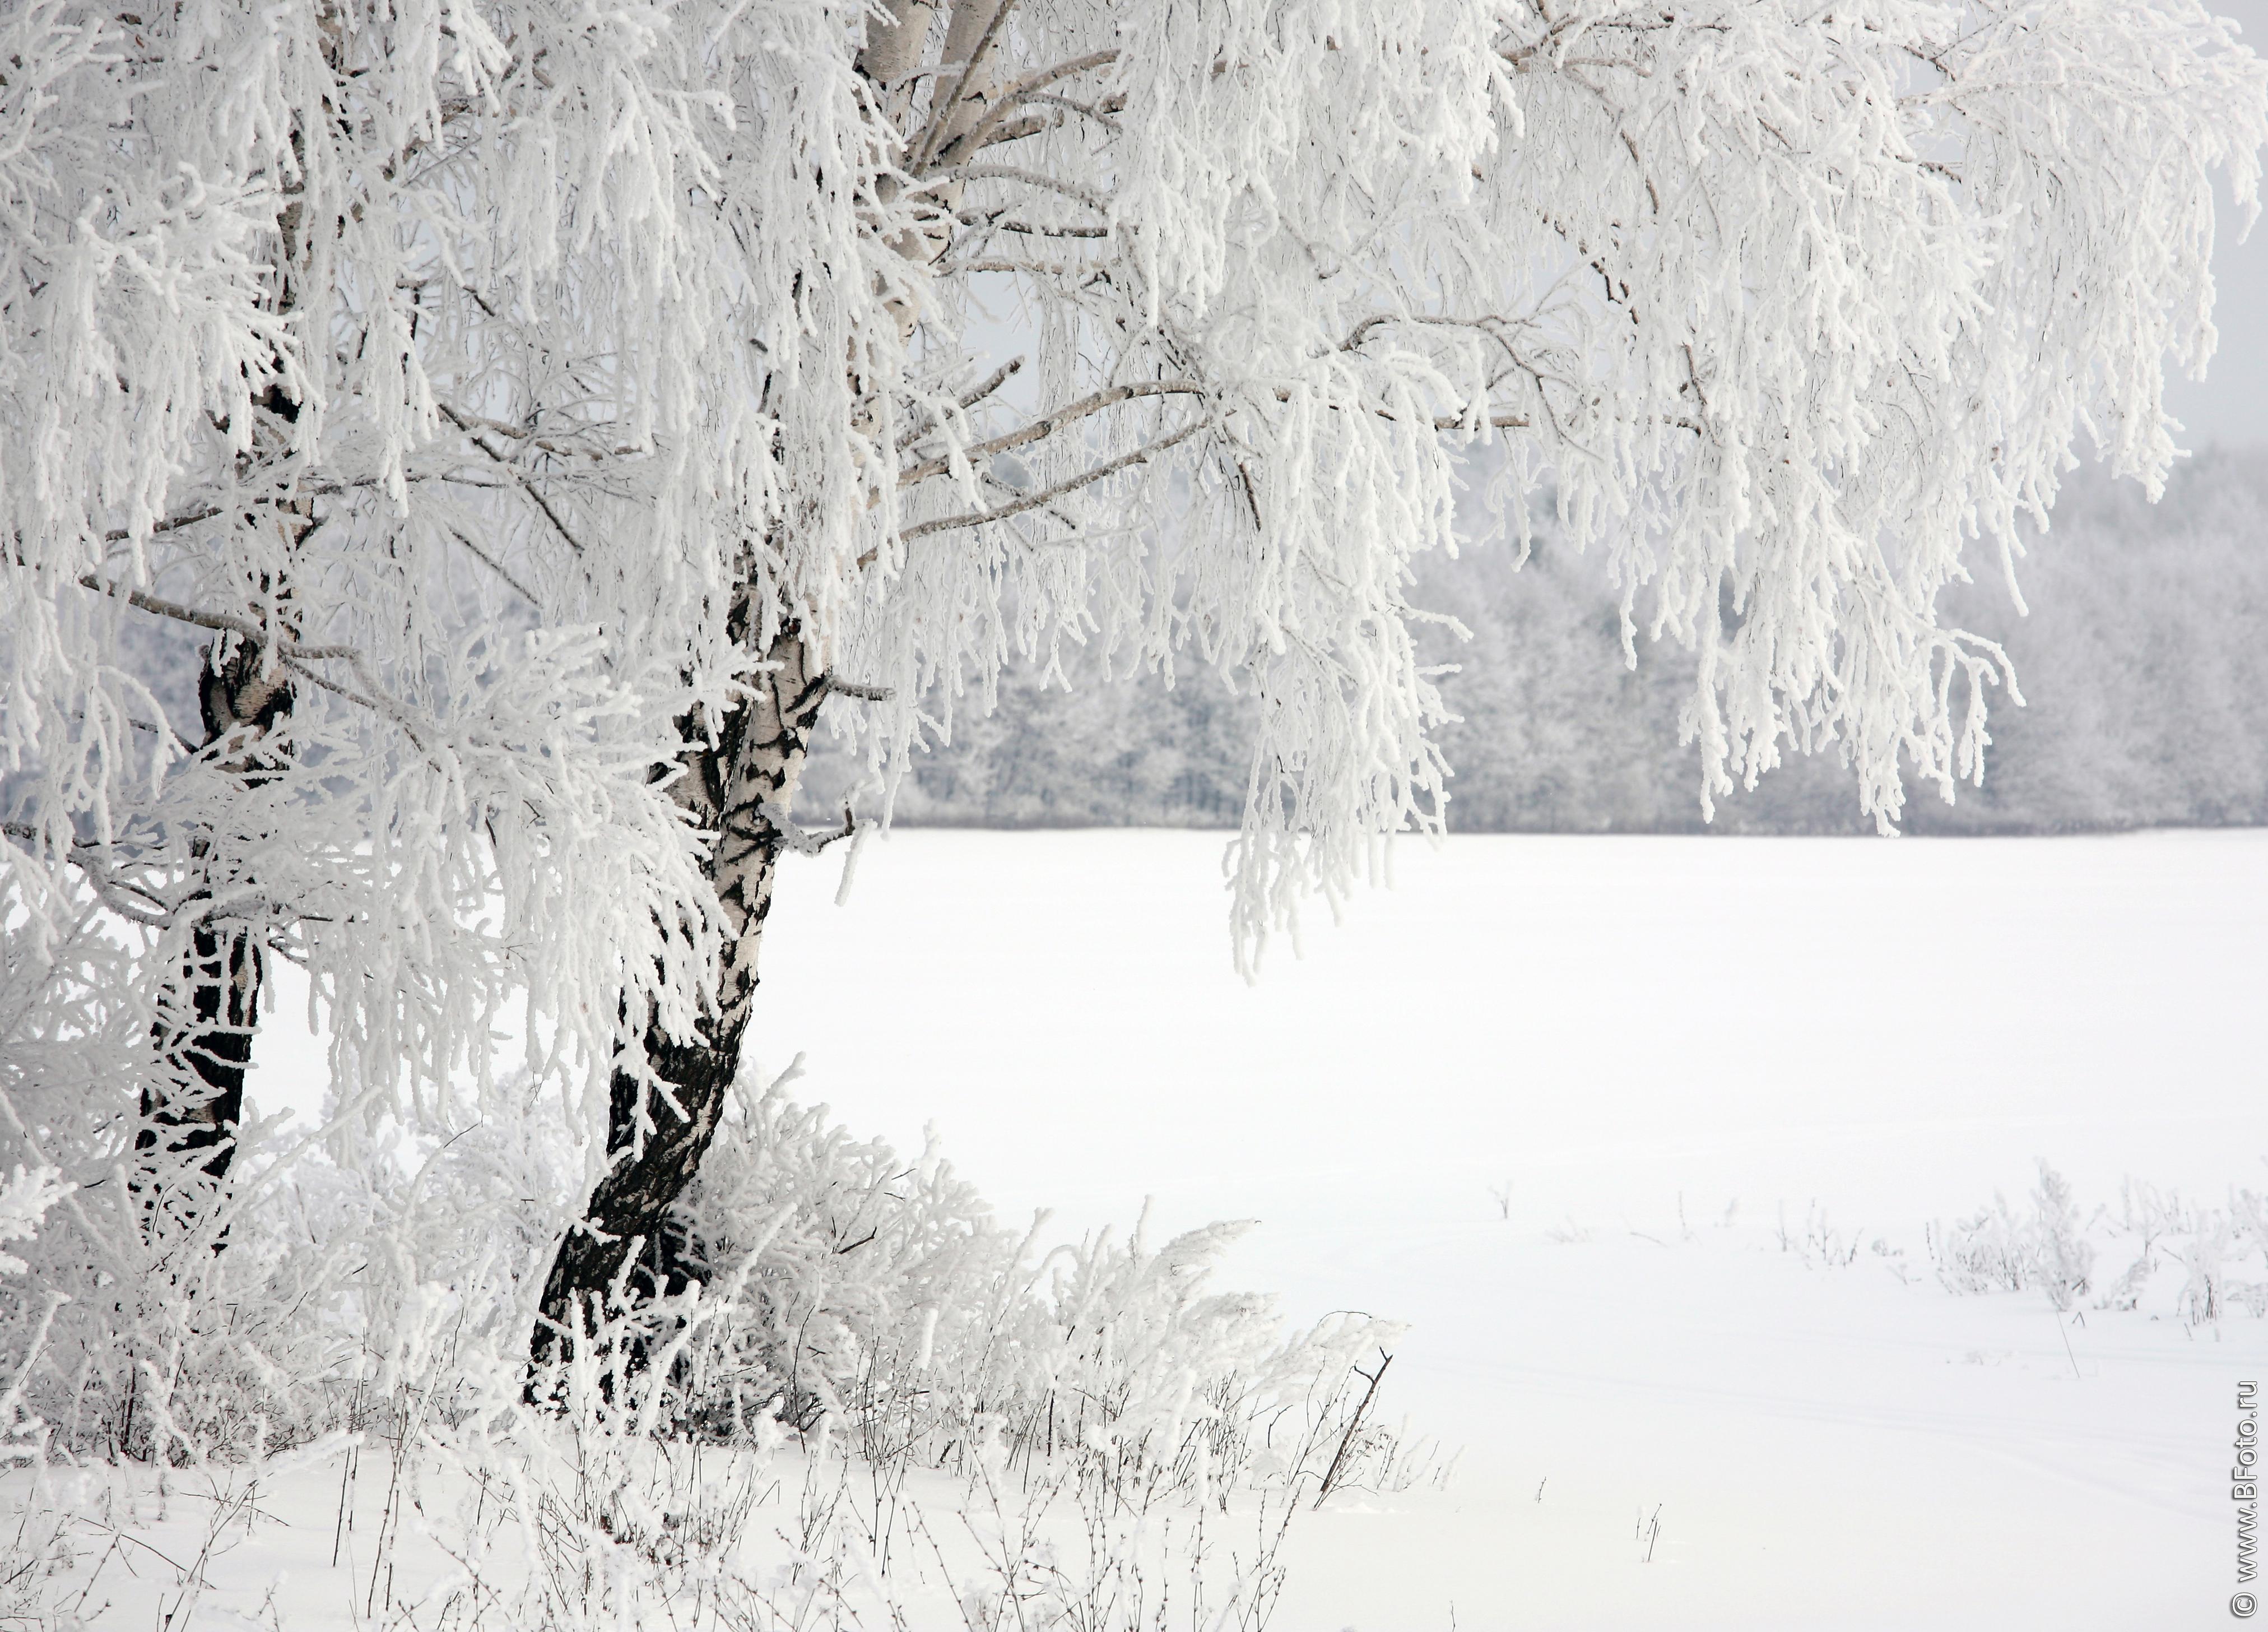 фото зимы скачать